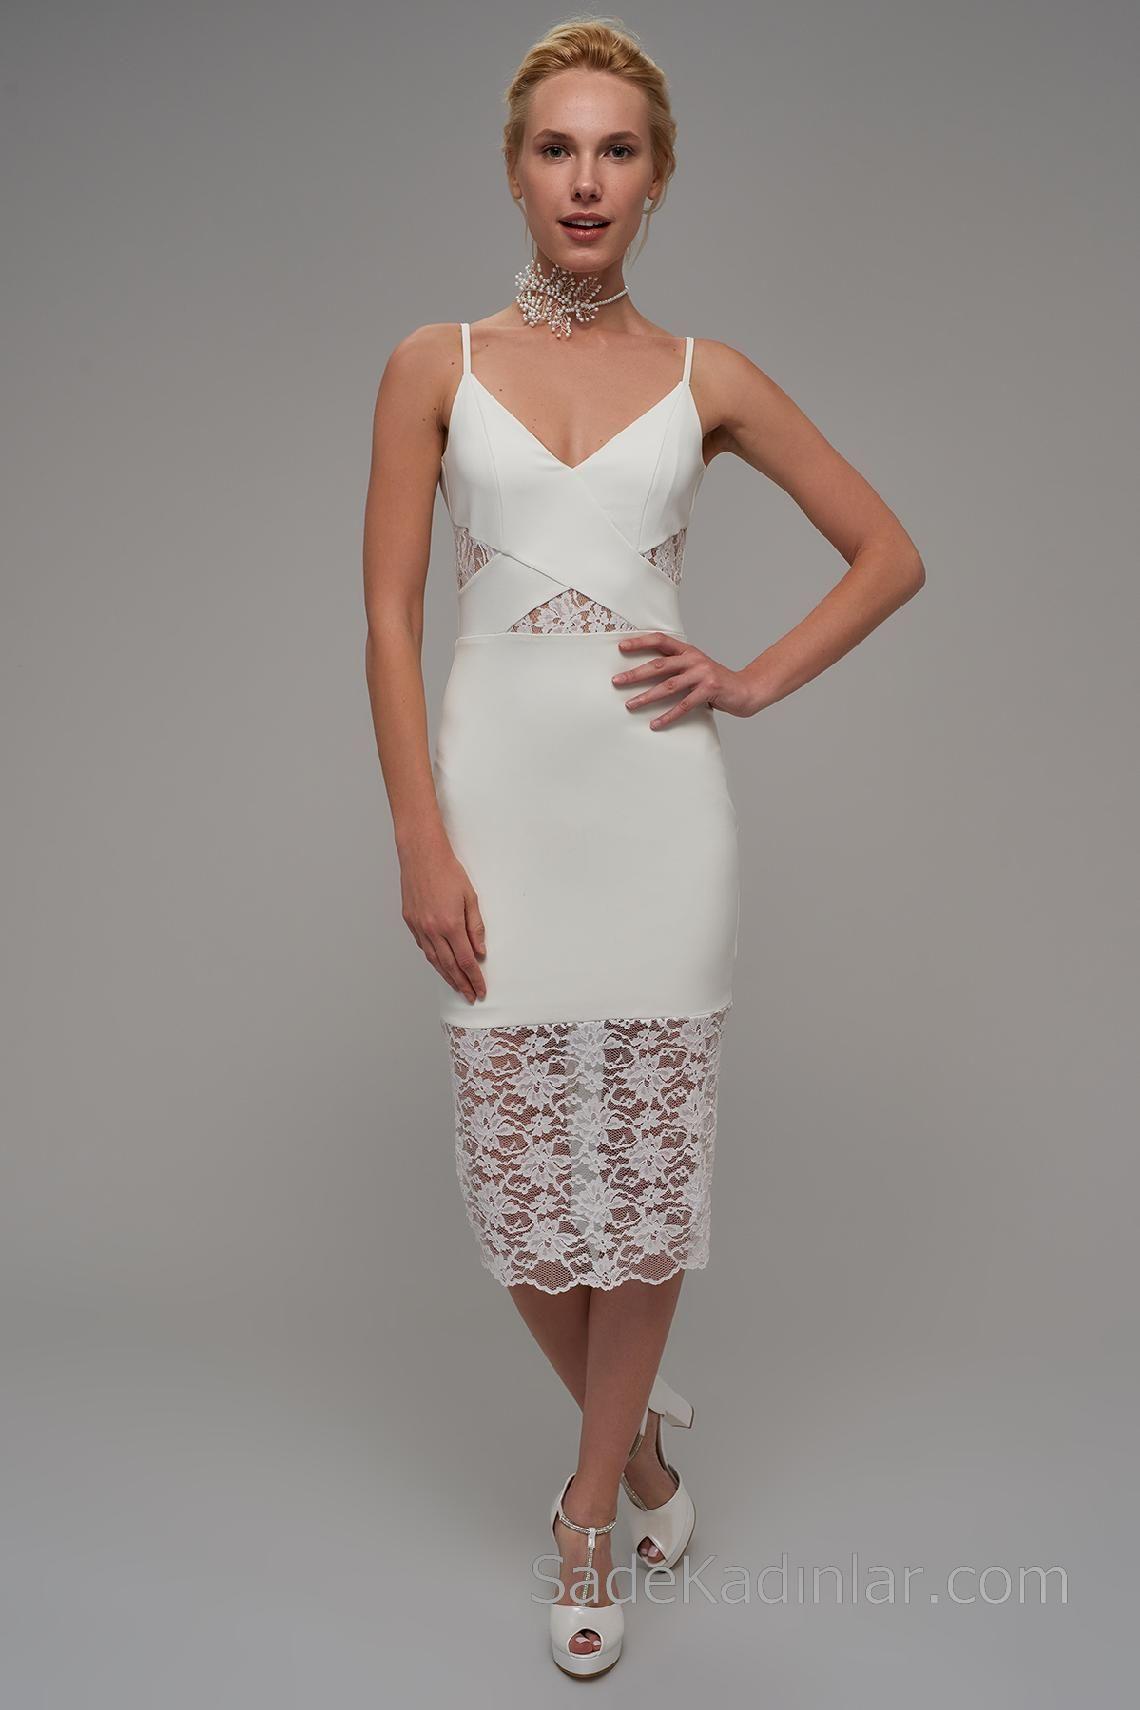 2020 Abiye Elbiseler Beyaz Kisa Askili Dantel Detayli Elbiseler The Dress Elbise Modelleri